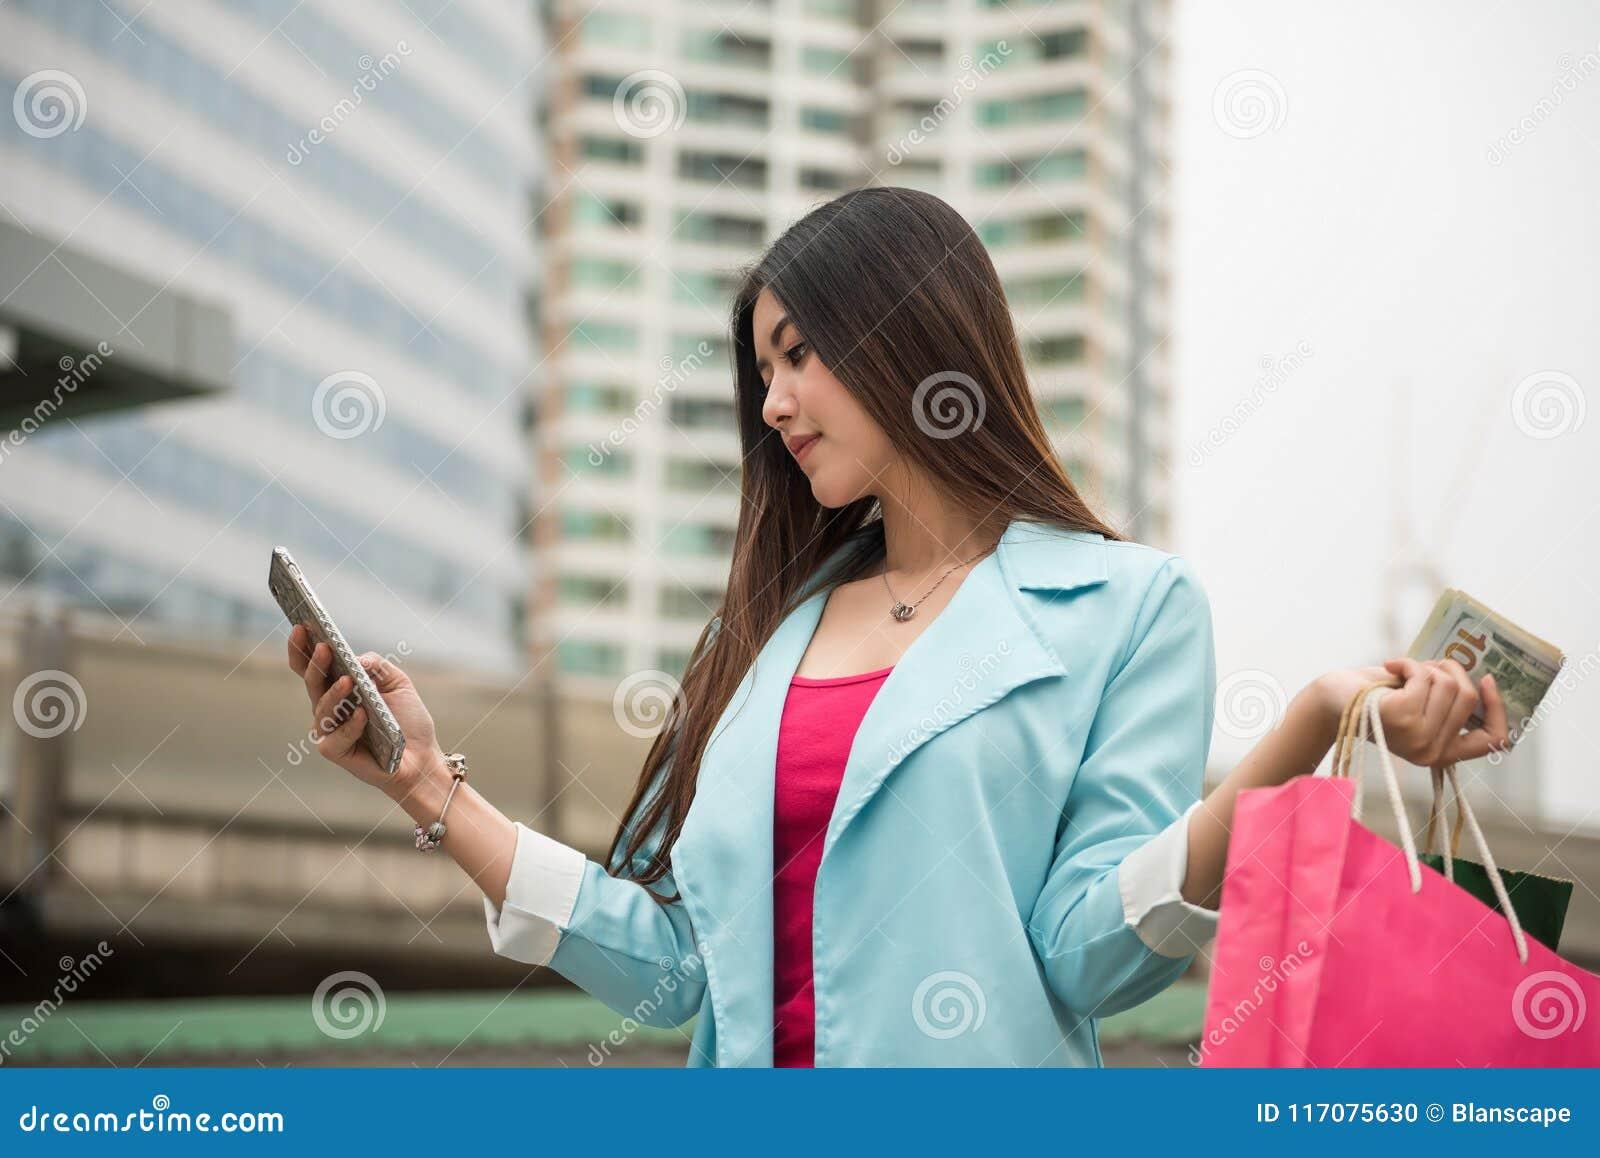 Adult asian online site web